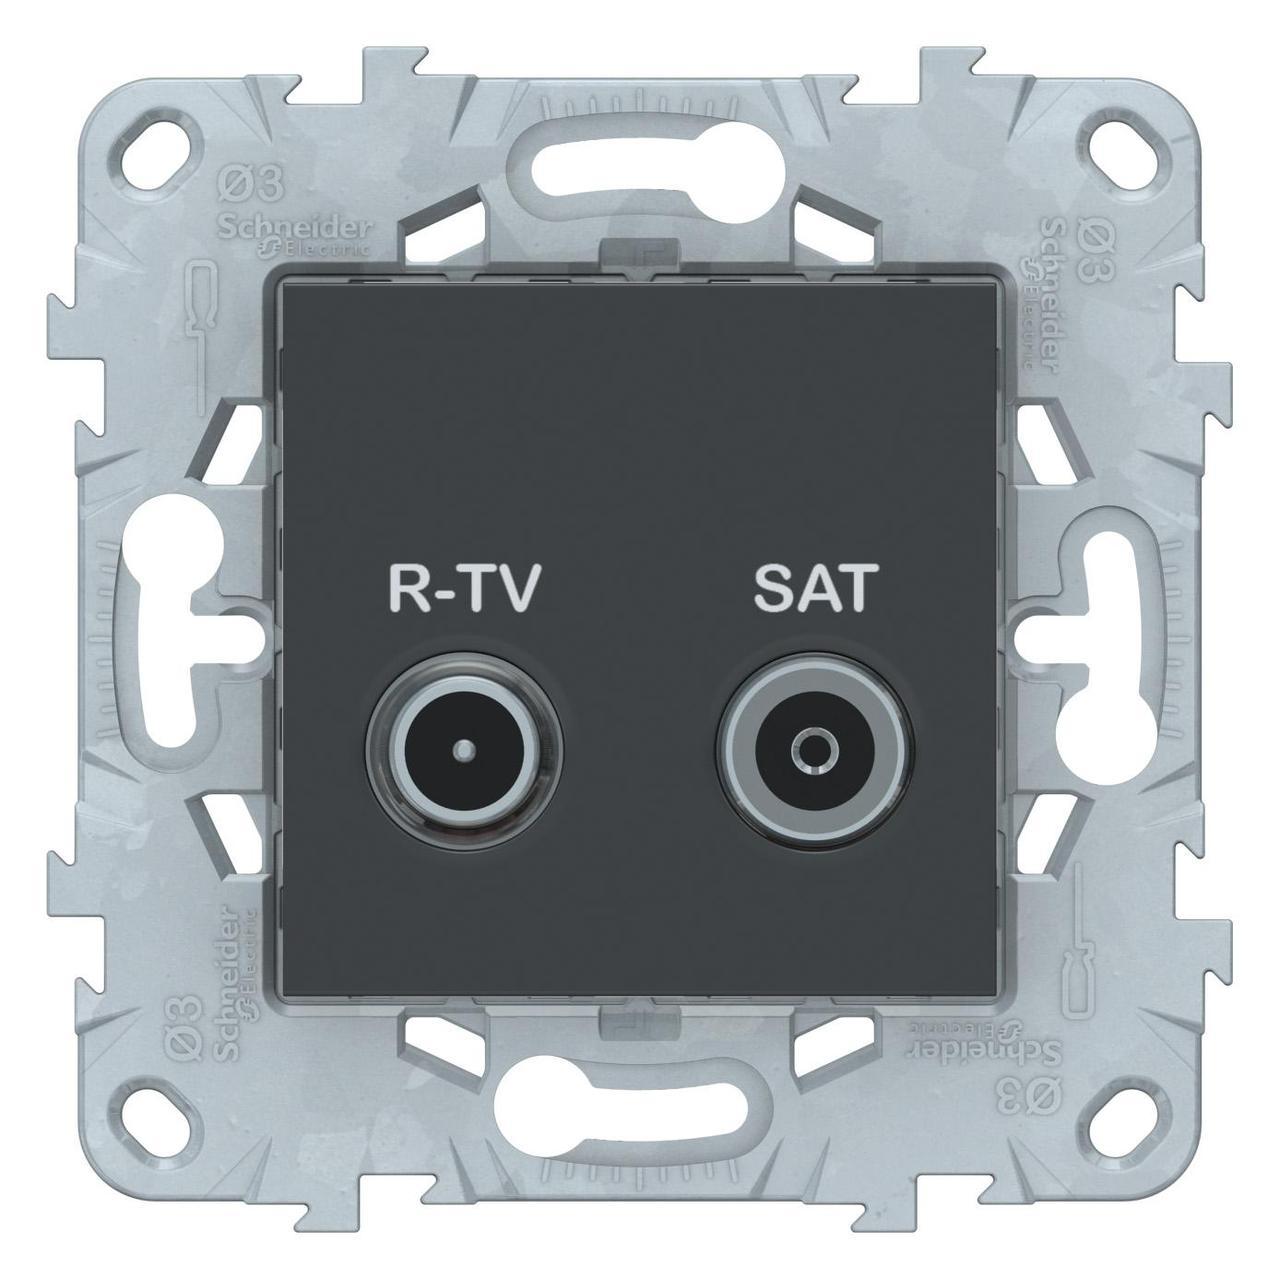 Розетка телевизионная проходная ТV-SAT , Антрацит, серия Unica New, Schneider Electric